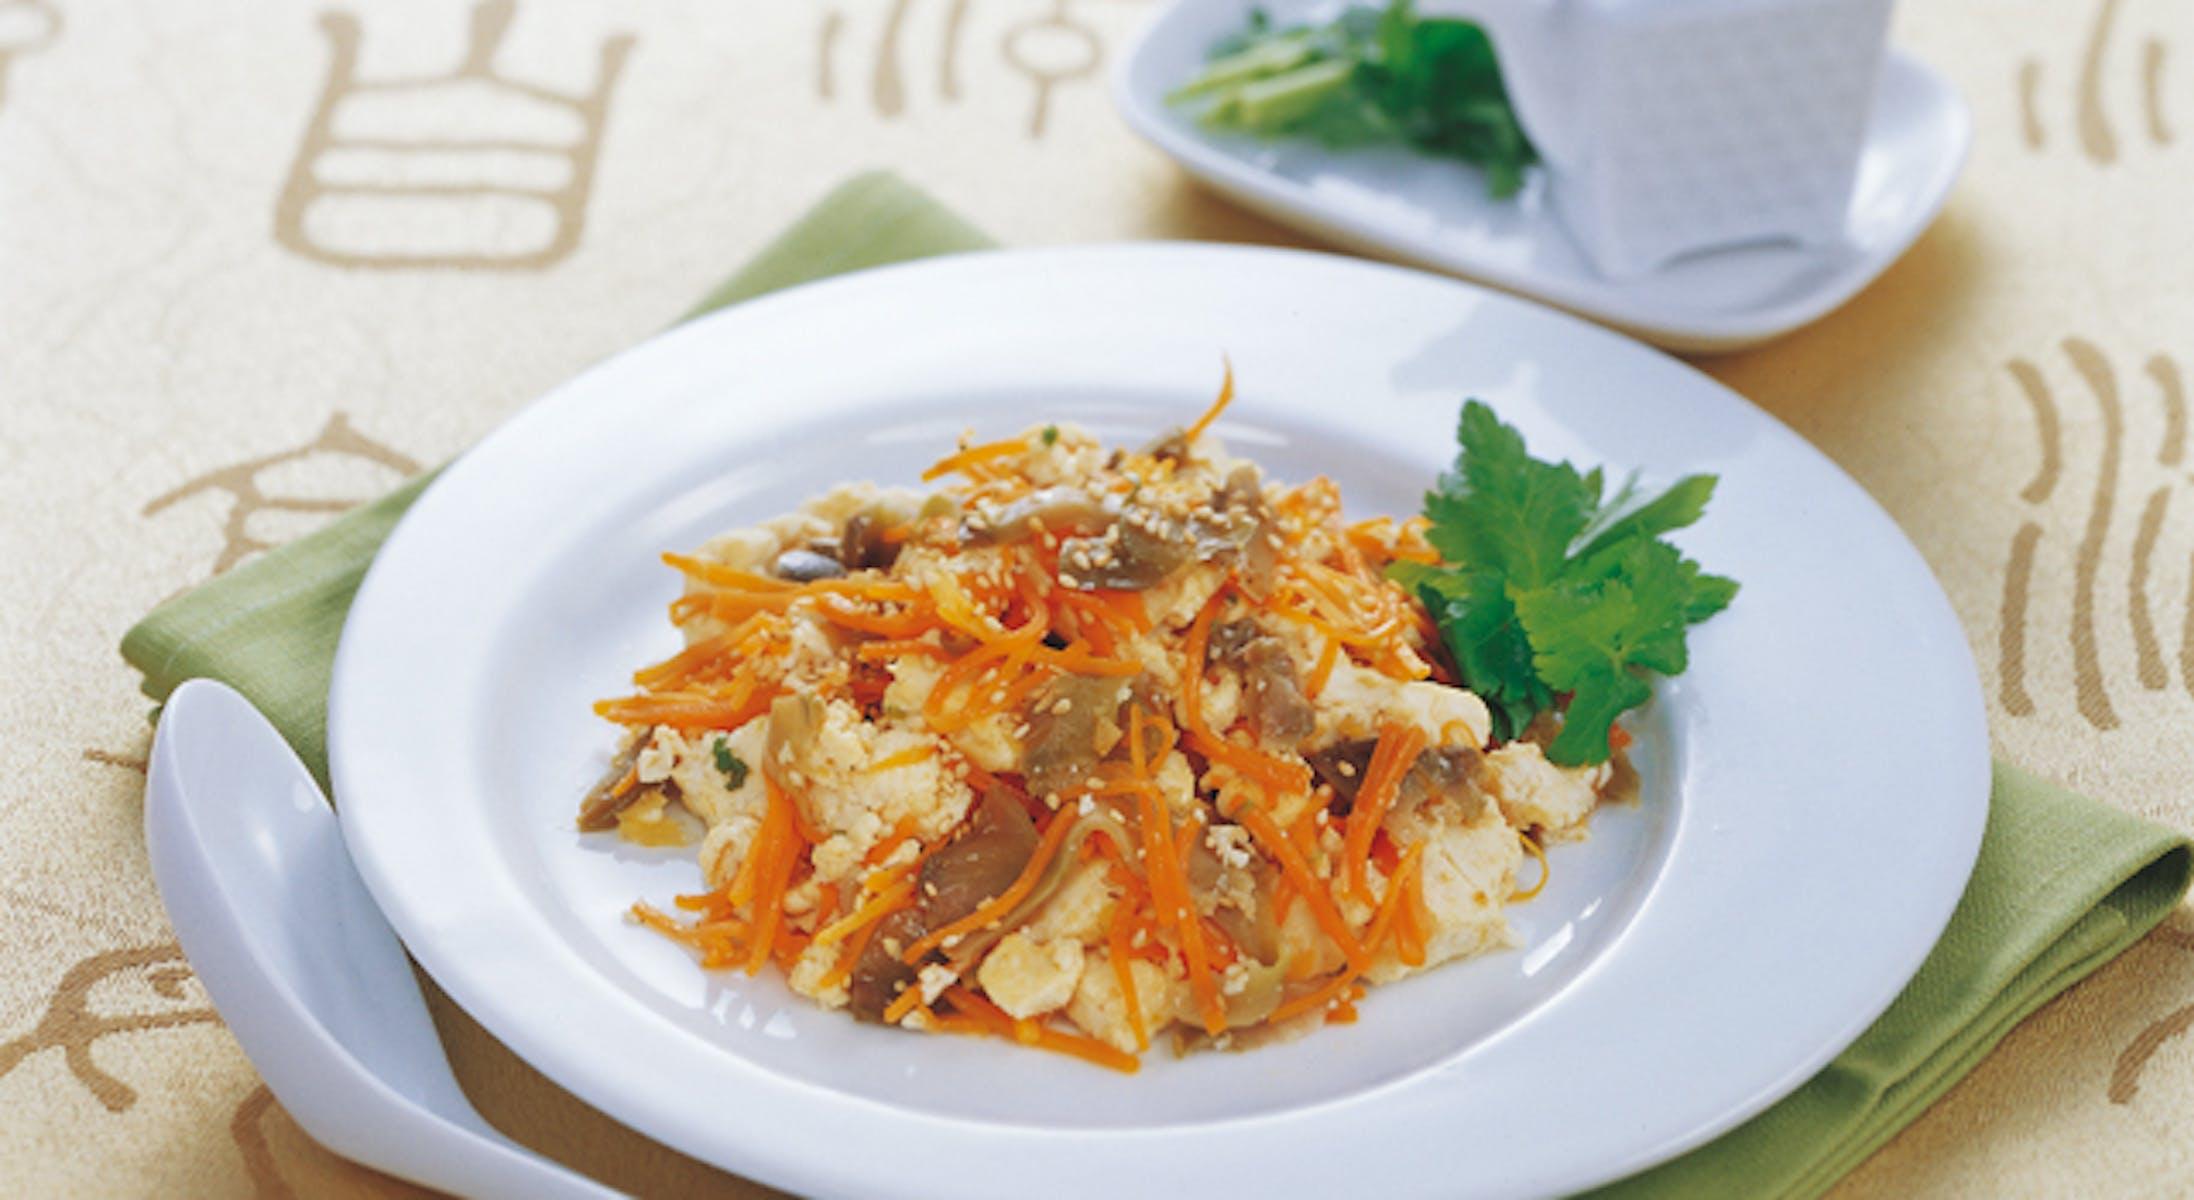 ザーサイとにんじんの中華風炒り豆腐